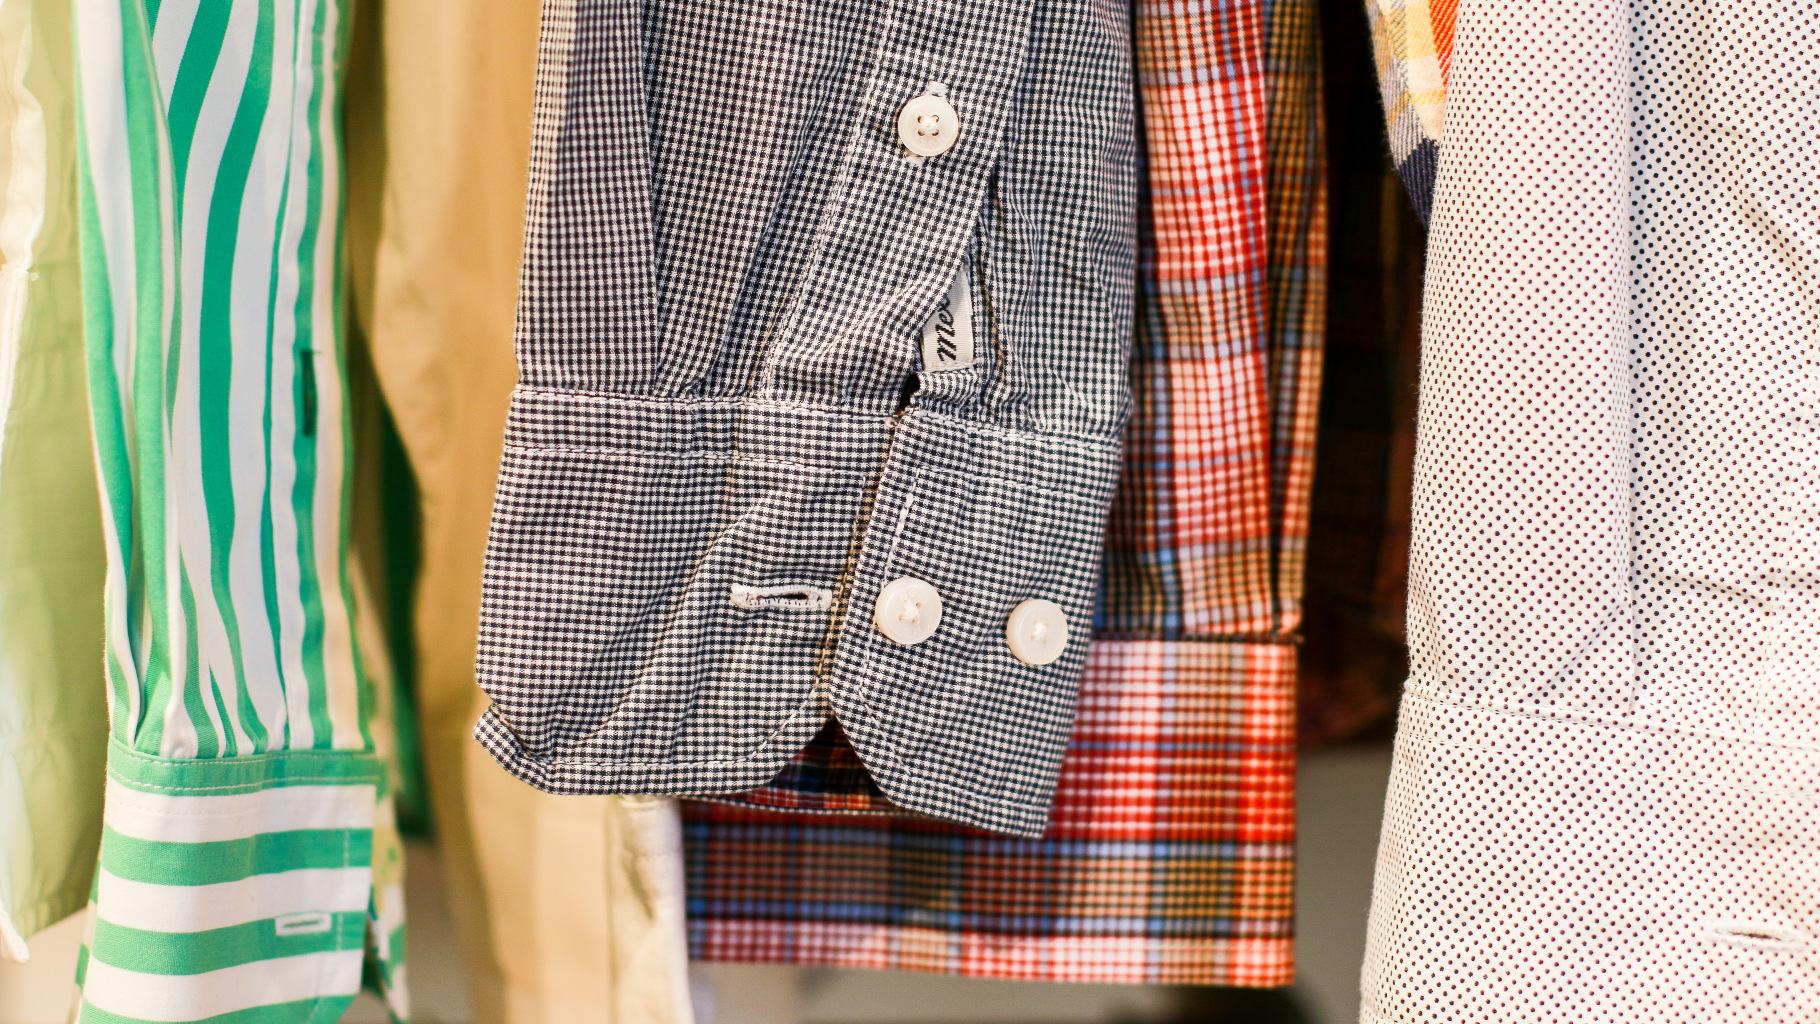 Hemden für Herren im Oxfam Shop